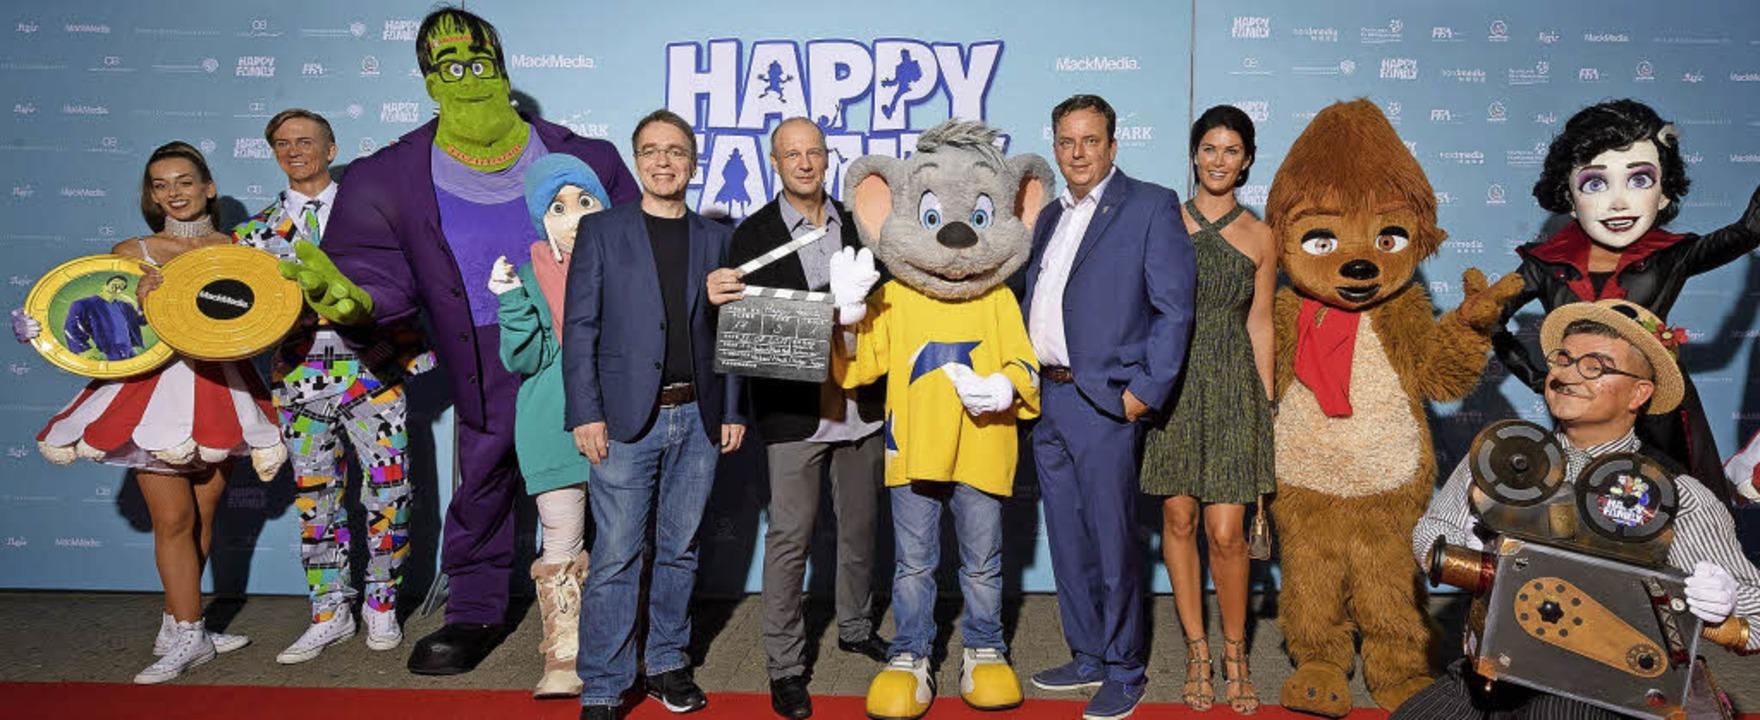 """Die """"Happy Family""""- Figure...her bei der Aufführung im Europa-Park     Foto: Europa-Park"""